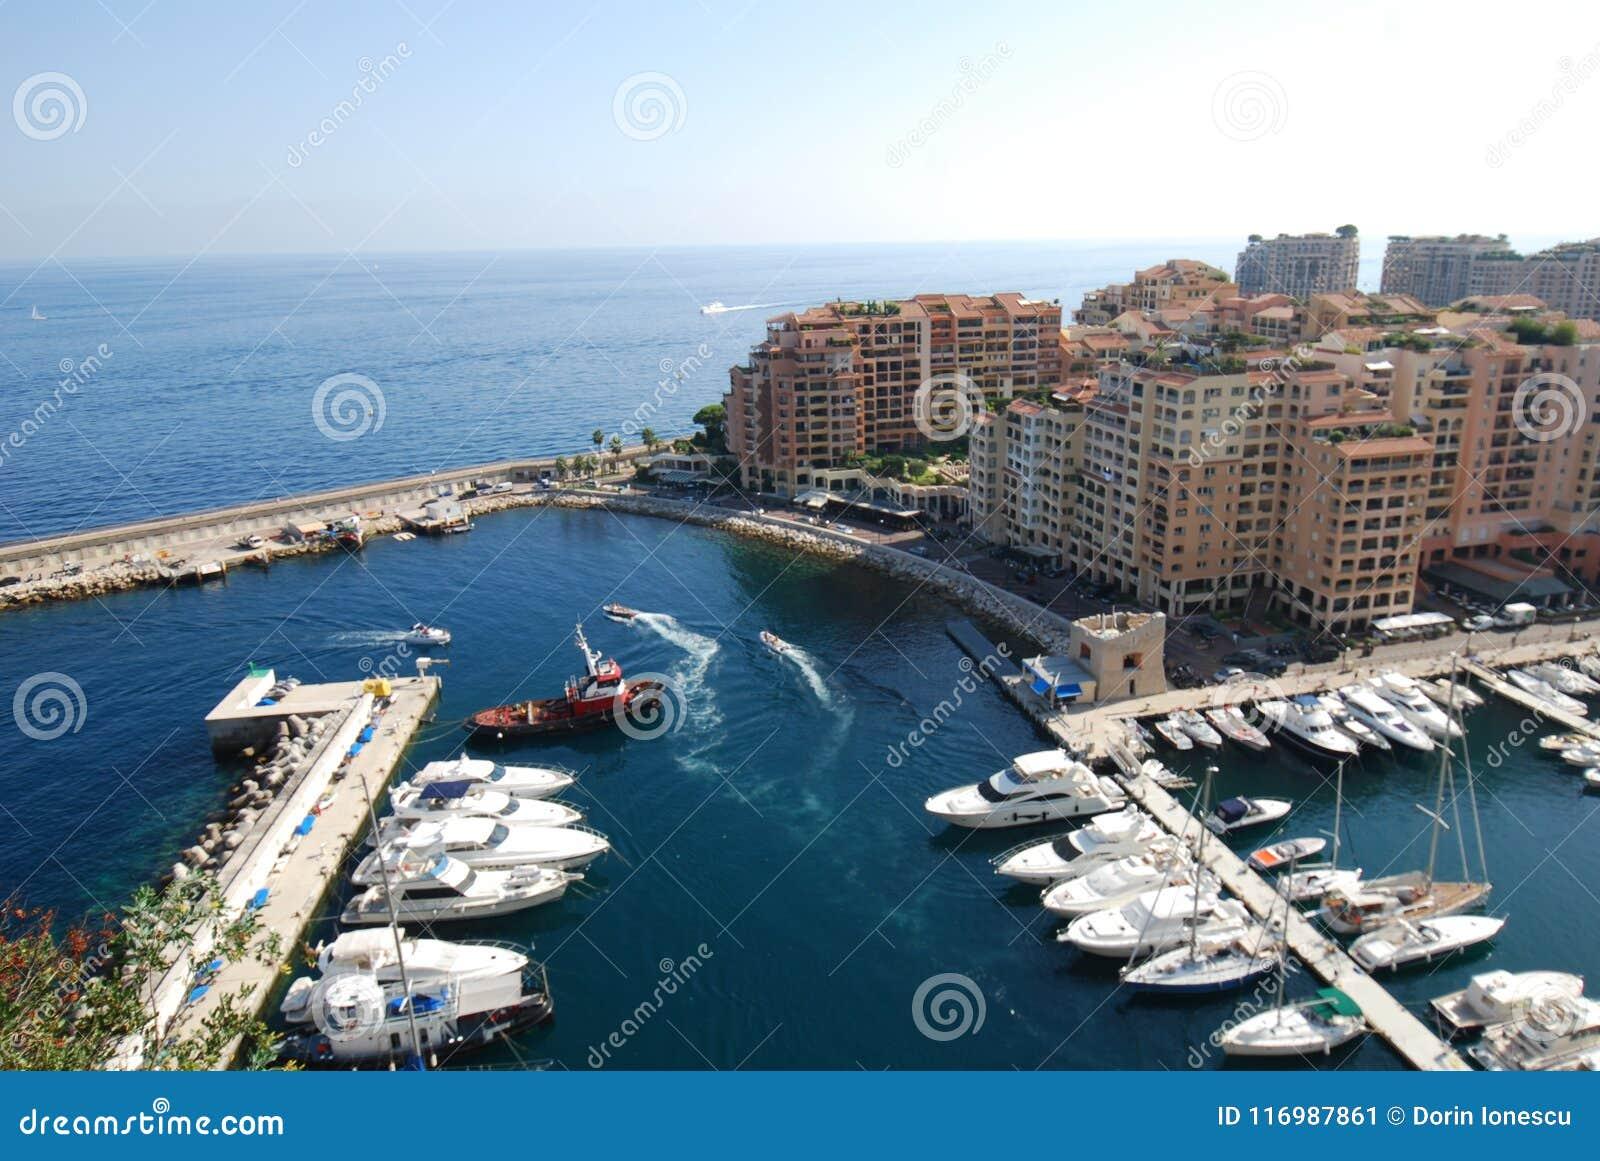 Port DE Fontvieille, Monaco, jachthaven, watervervoer, overzees, haven